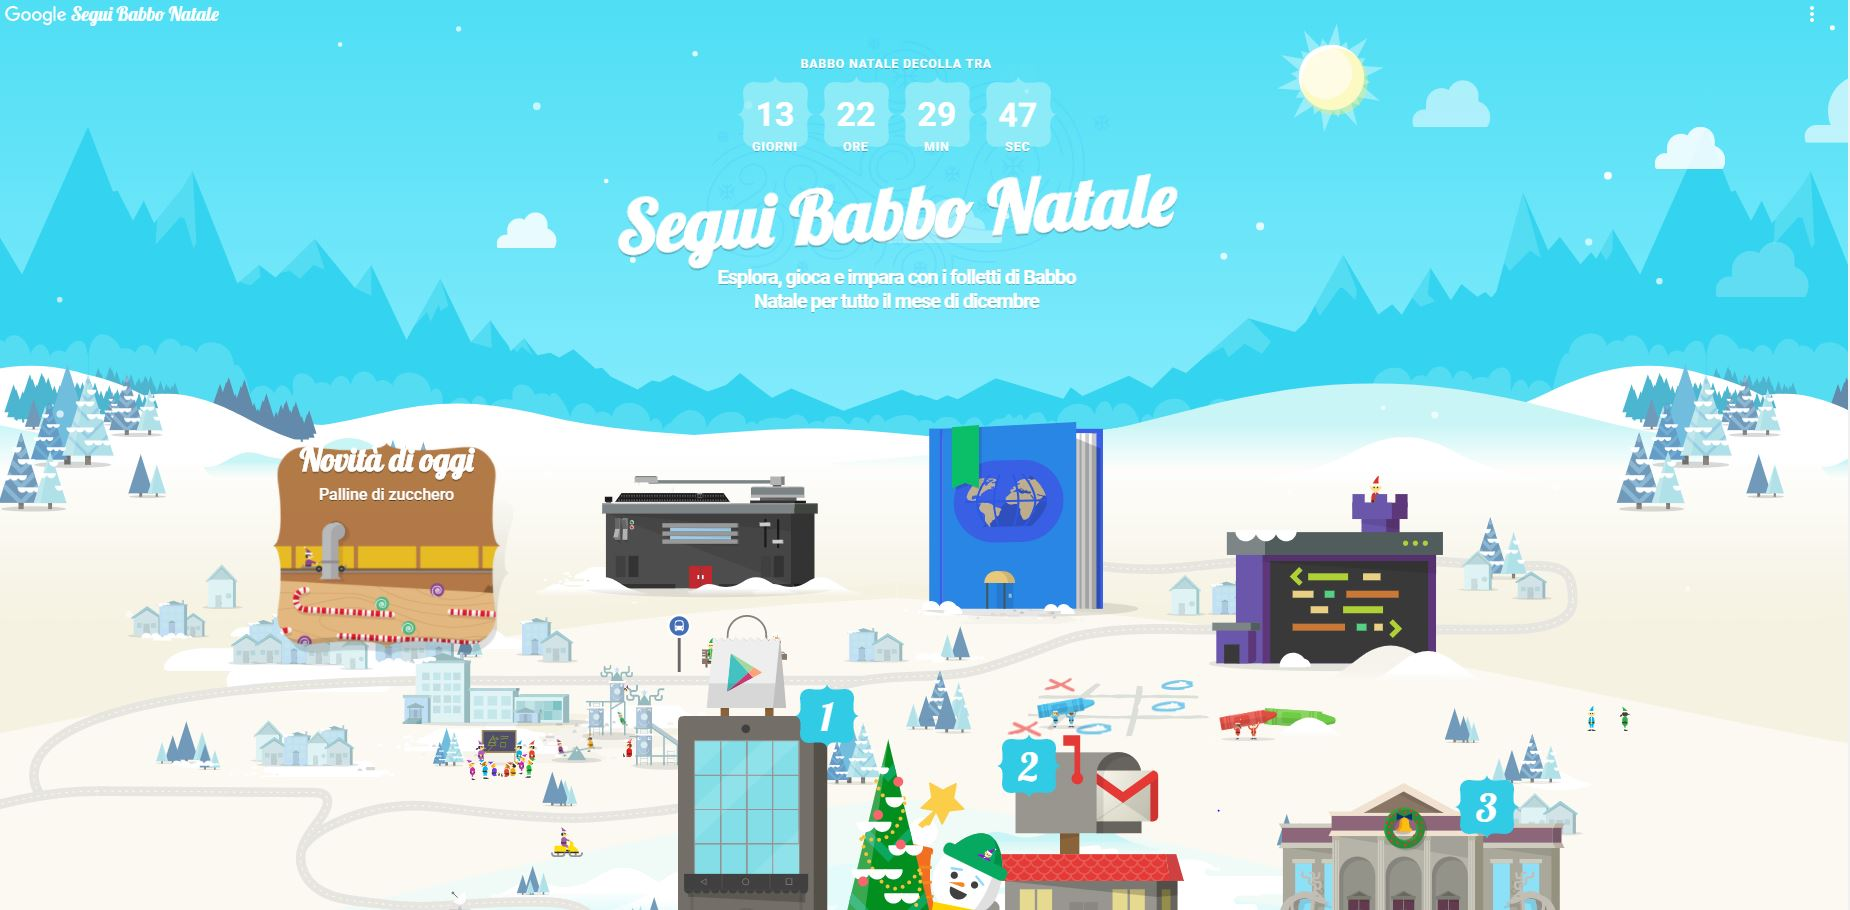 Google Segui Babbo Natale: il calendario dell'avvento tecnologico per i vostri bambini thumbnail